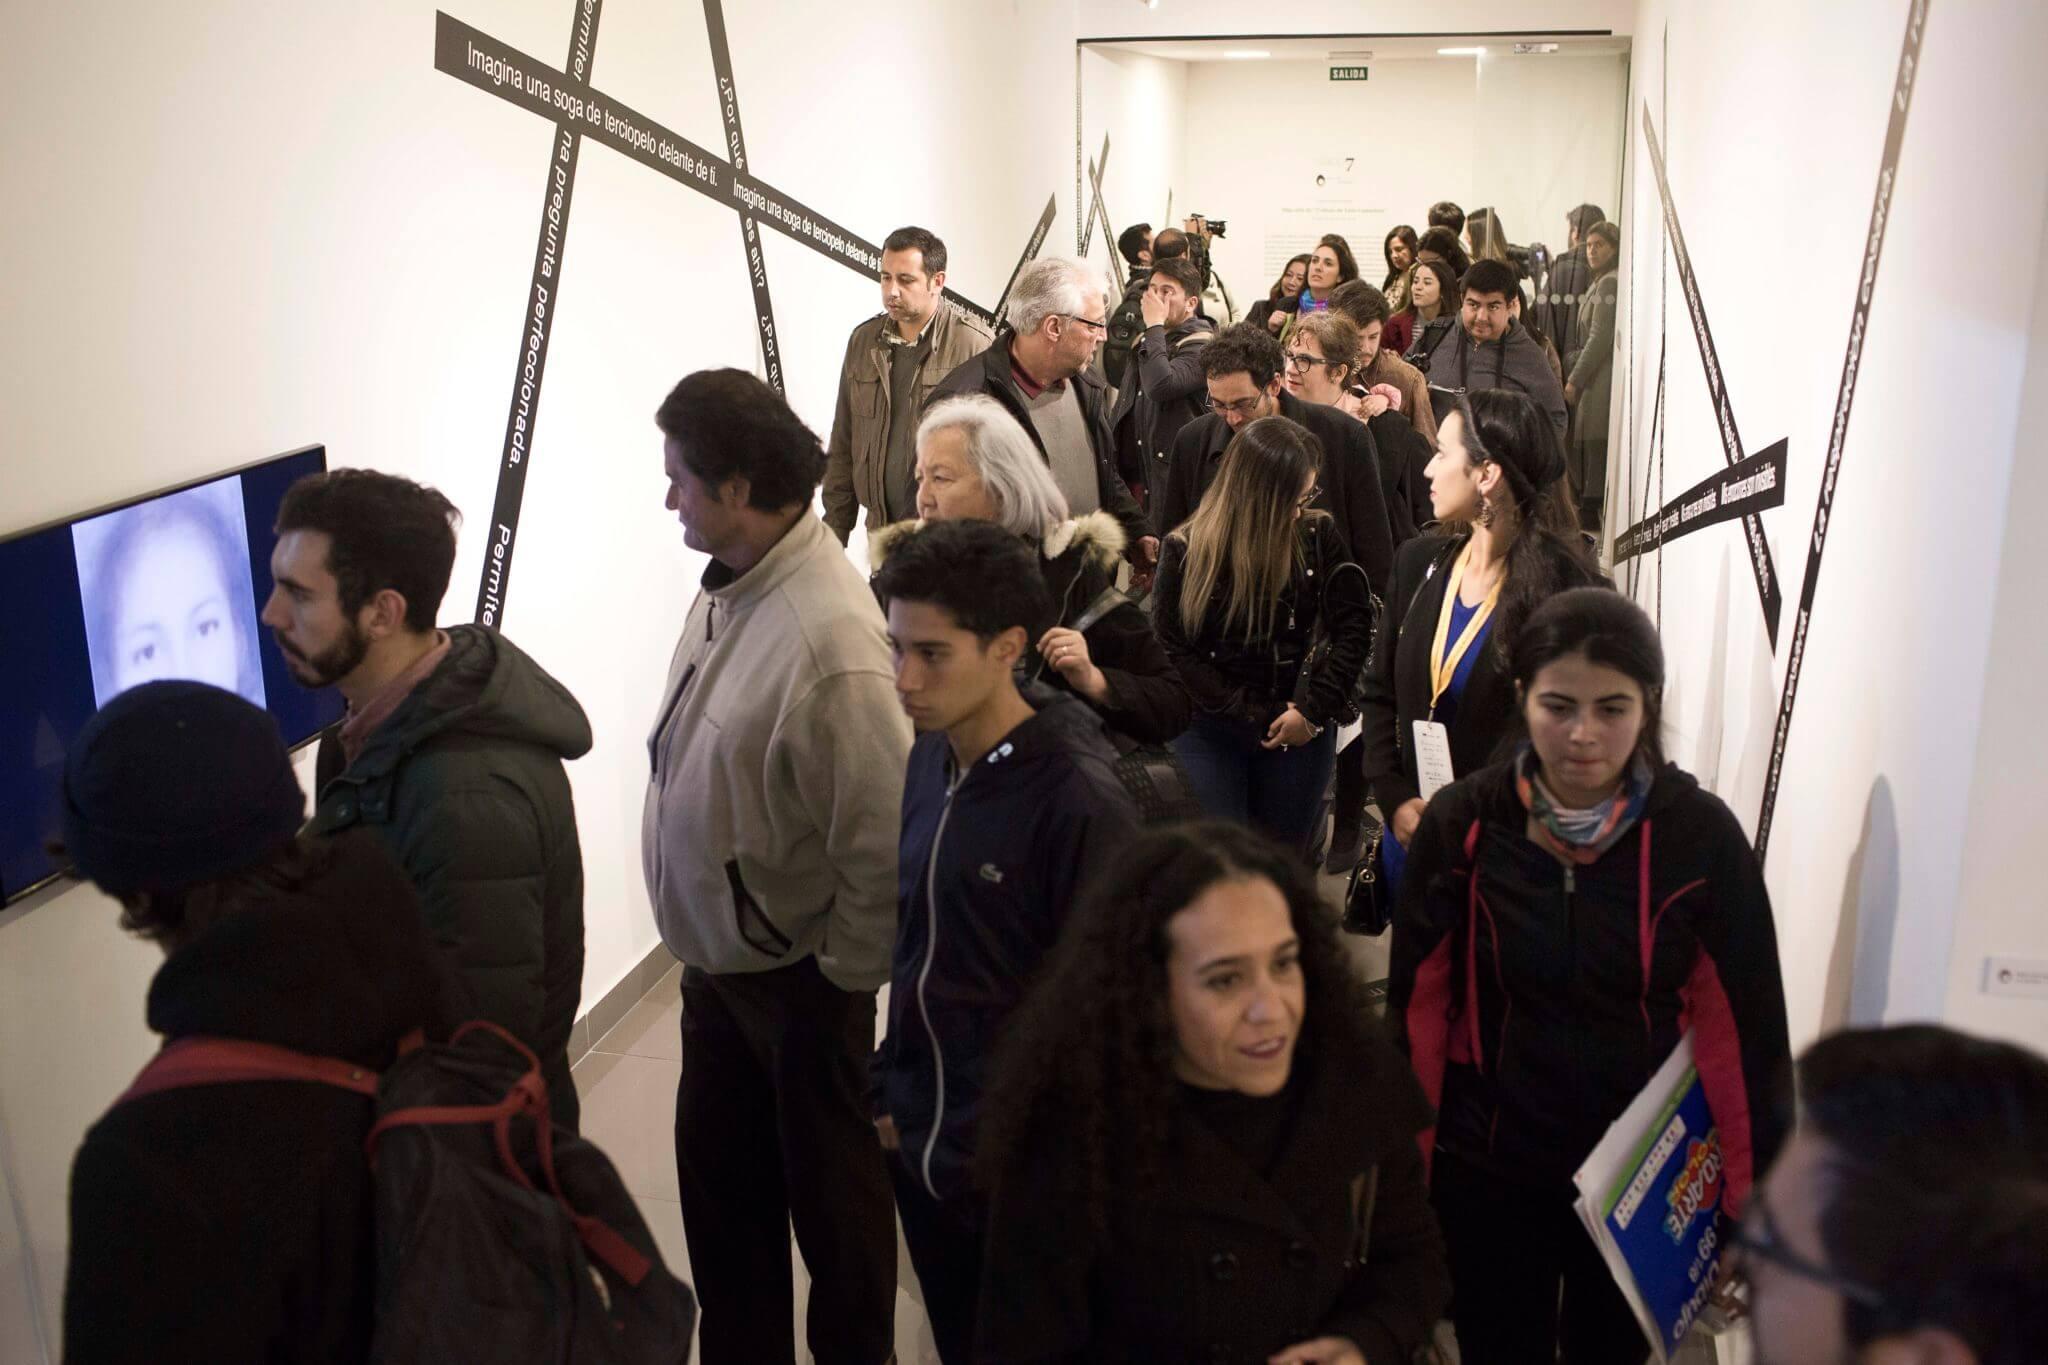 Parte de la inauguración de SACO7 del día de hoy. Fotografía: Cortesía SACO7